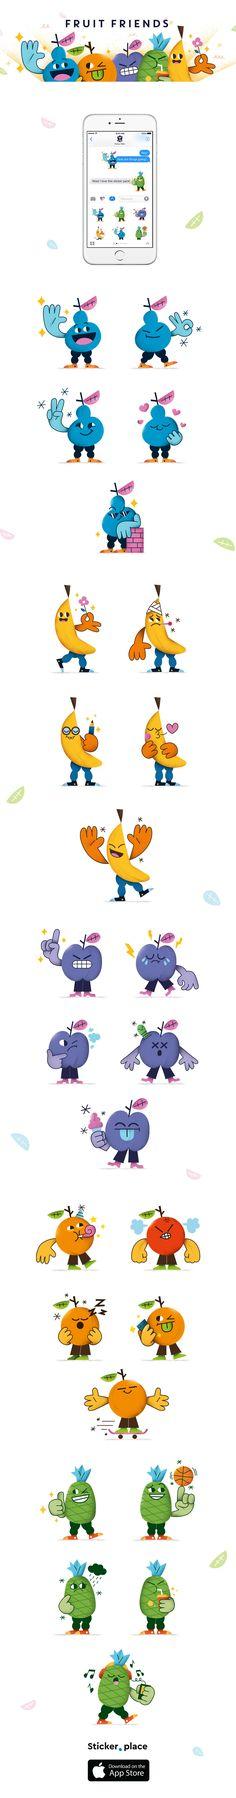 Fruit Friends Stickers on Behance